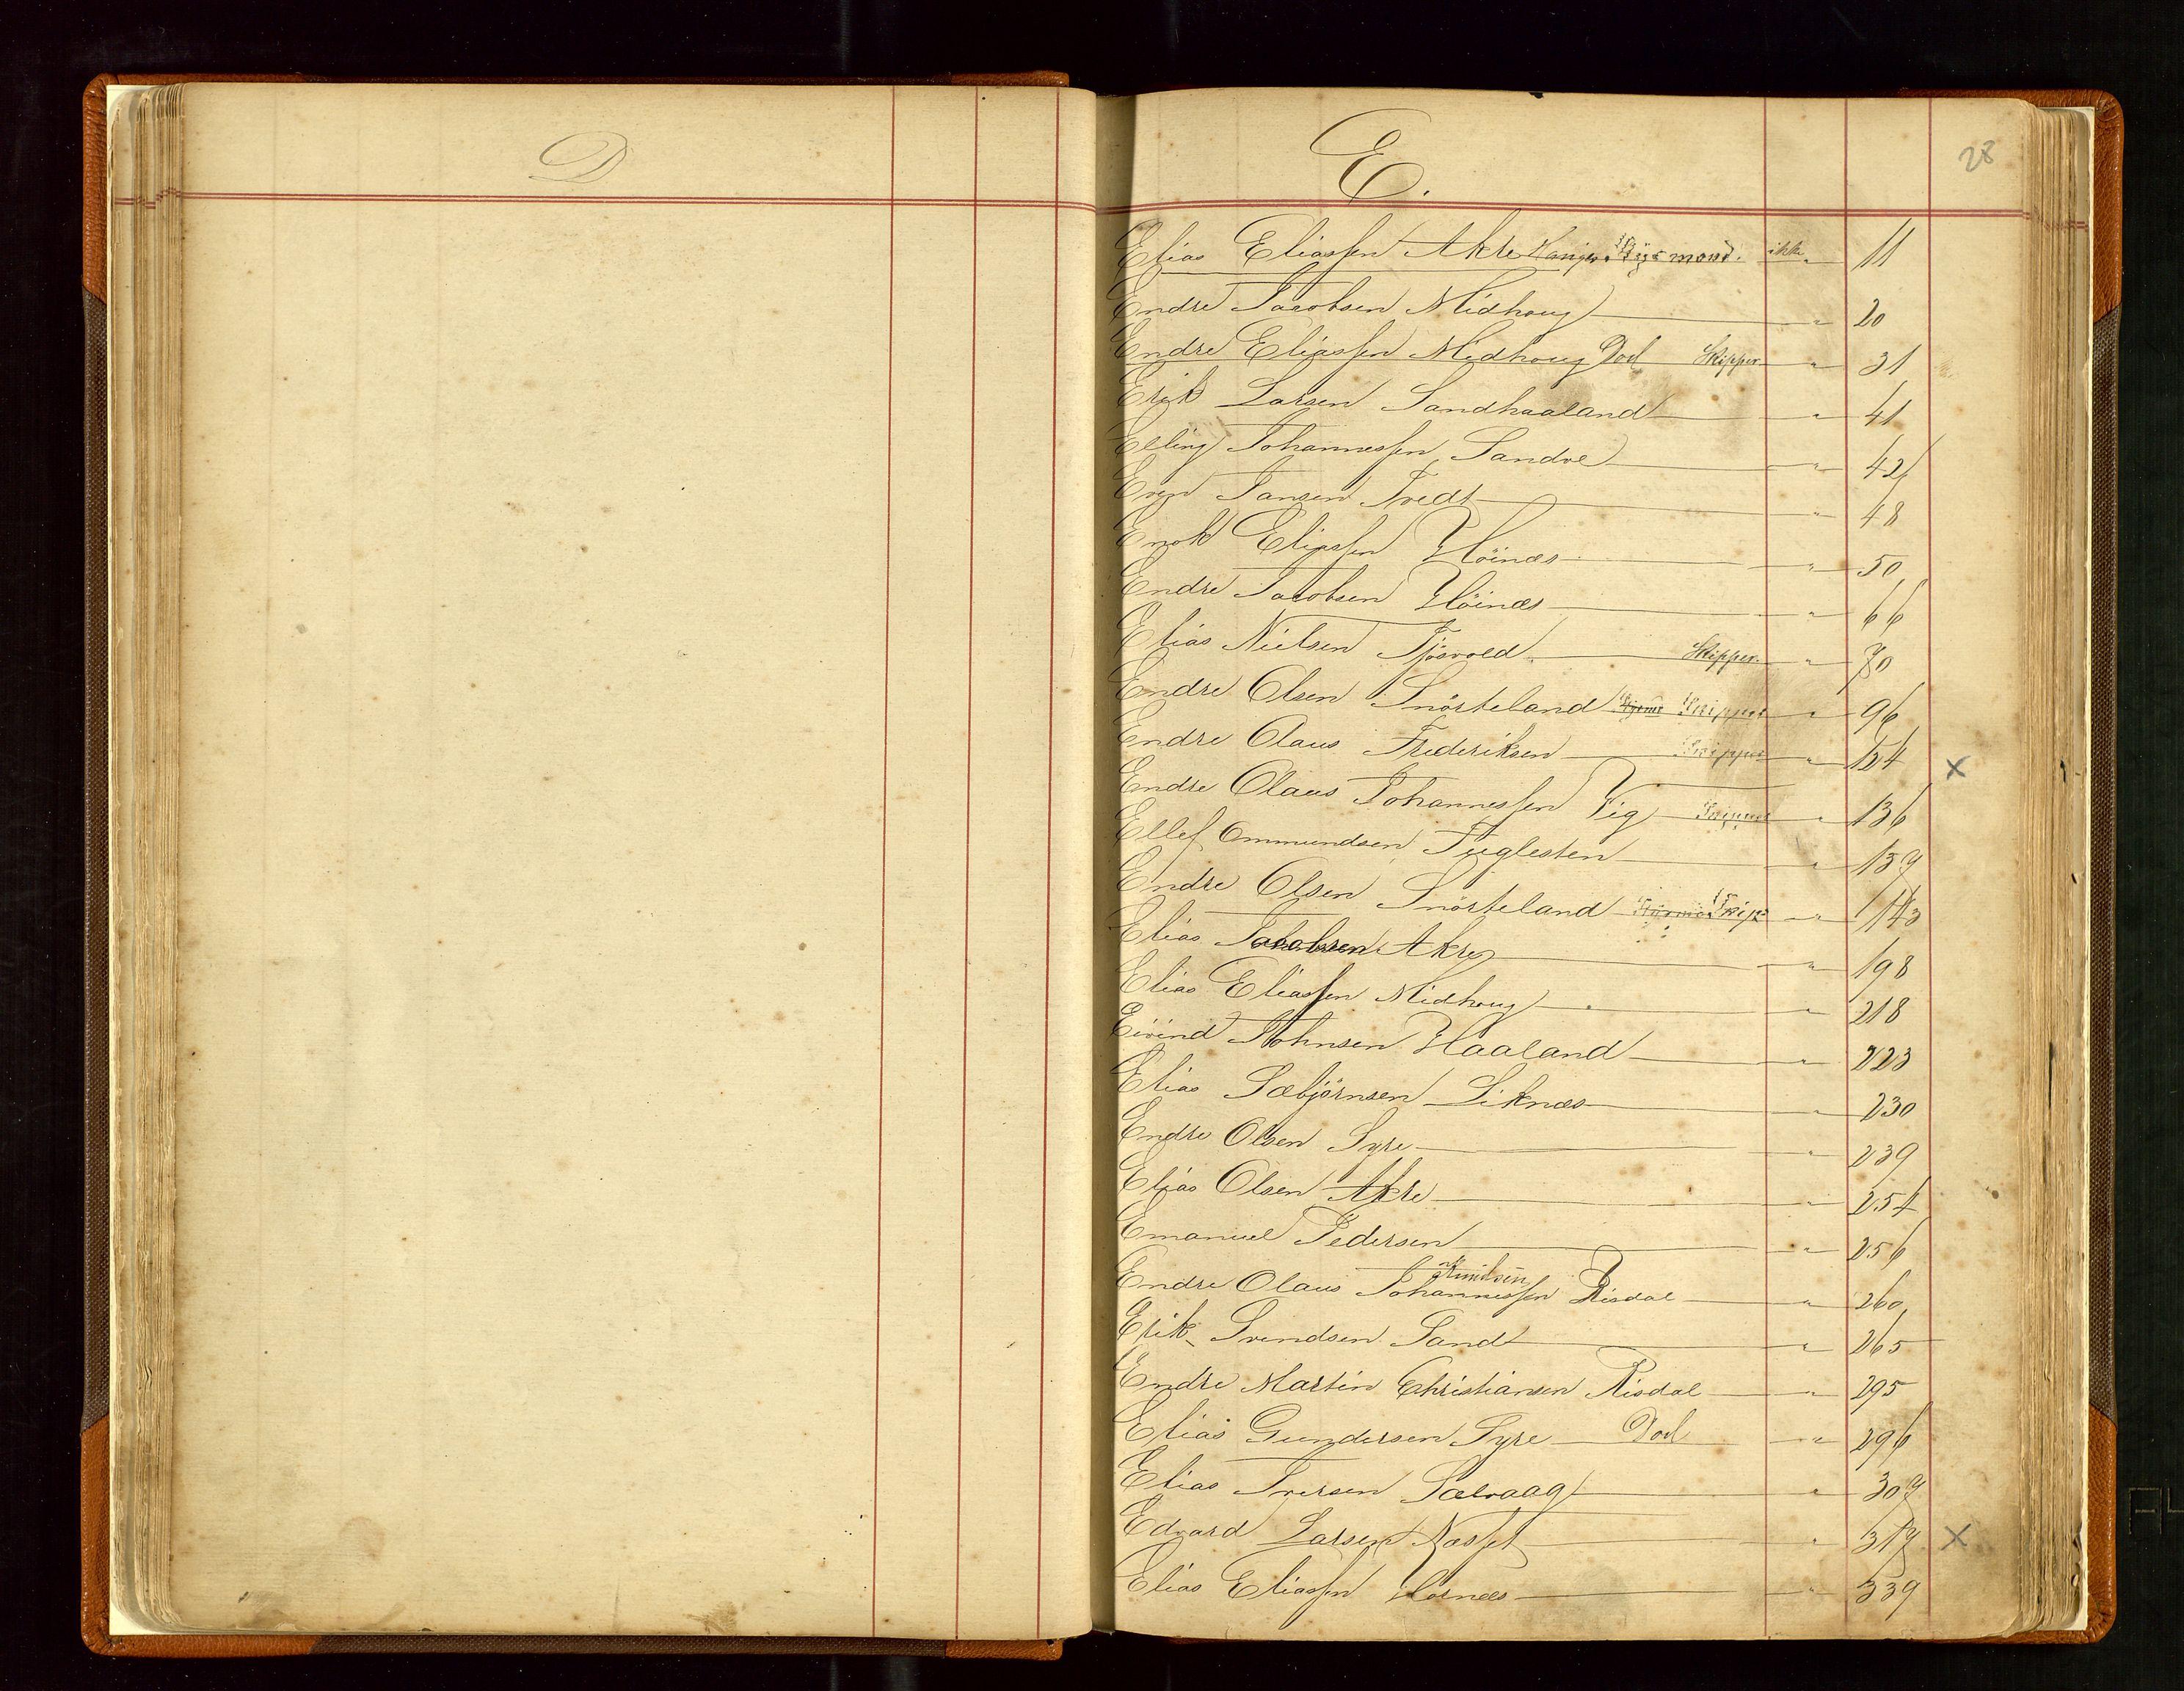 SAST, Haugesund sjømannskontor, F/Fb/Fba/L0003: Navneregister med henvisning til rullenummer (fornavn) Haugesund krets, 1860-1948, s. 28